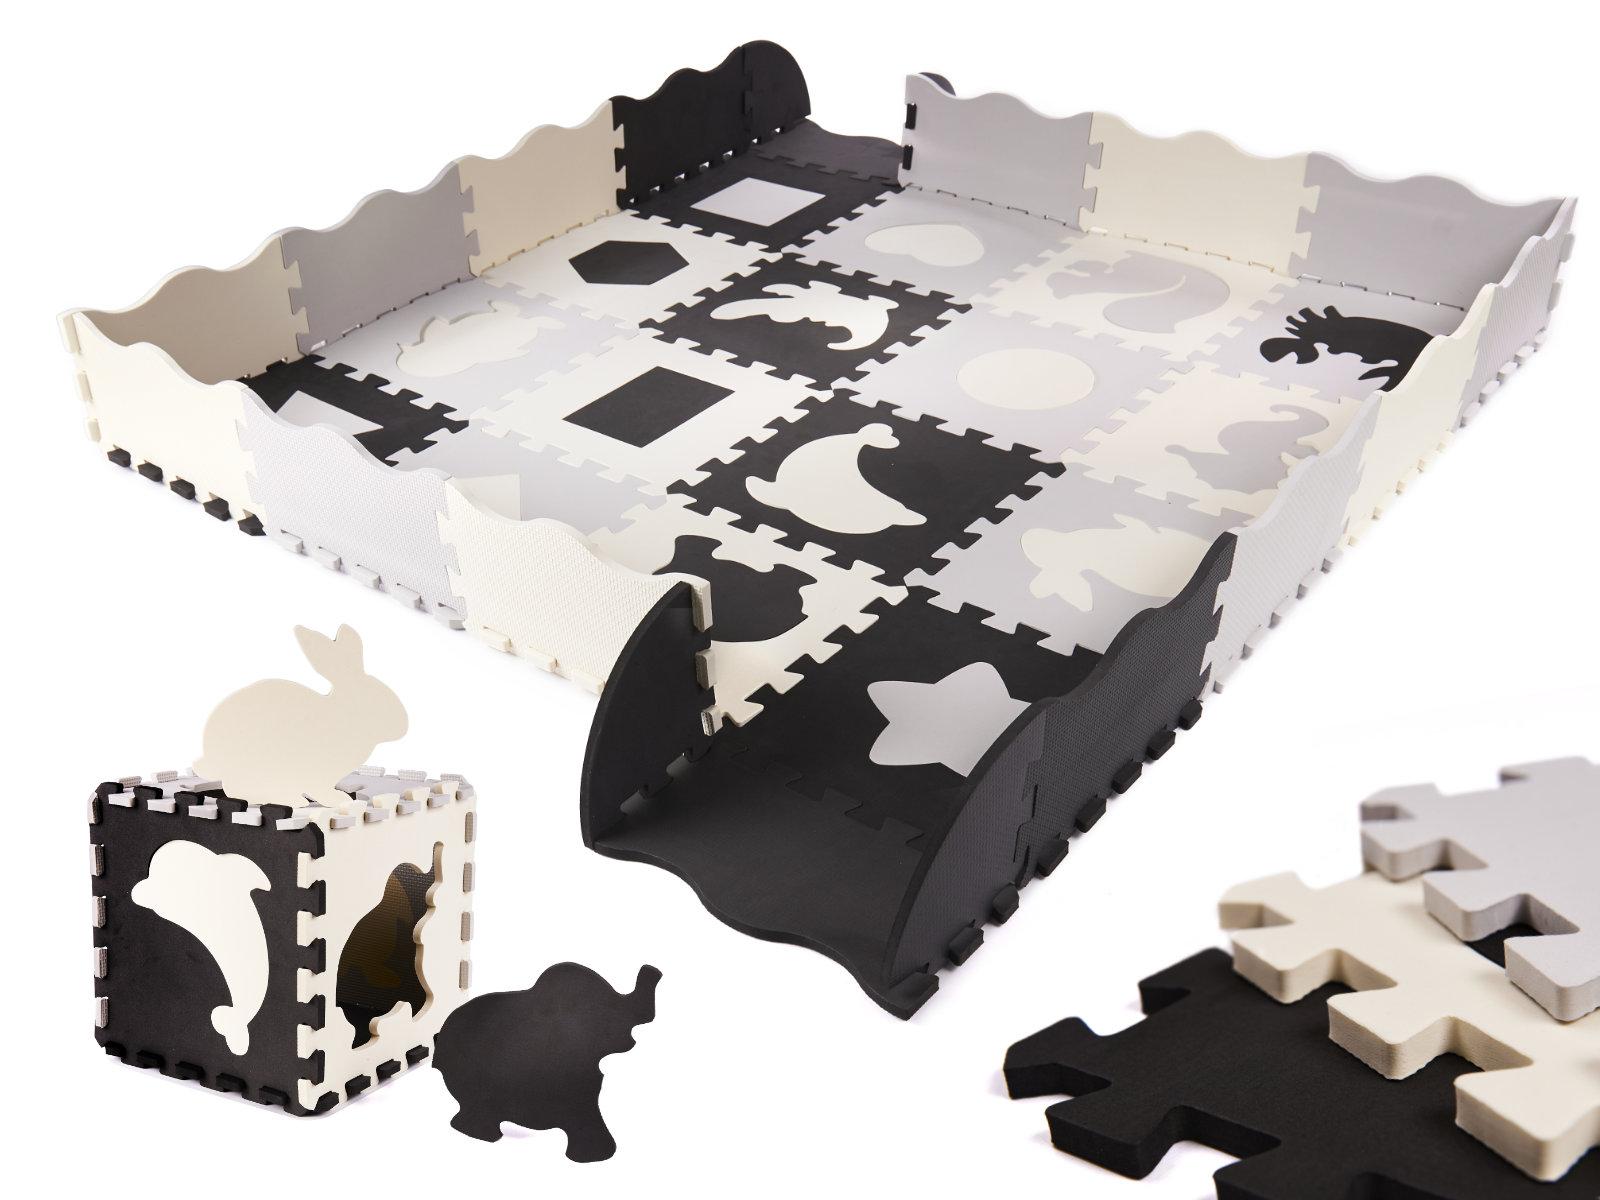 KIK Kontrastné penové puzzle 30 x 30 cm, 36 ks čierno, šedo, krémové